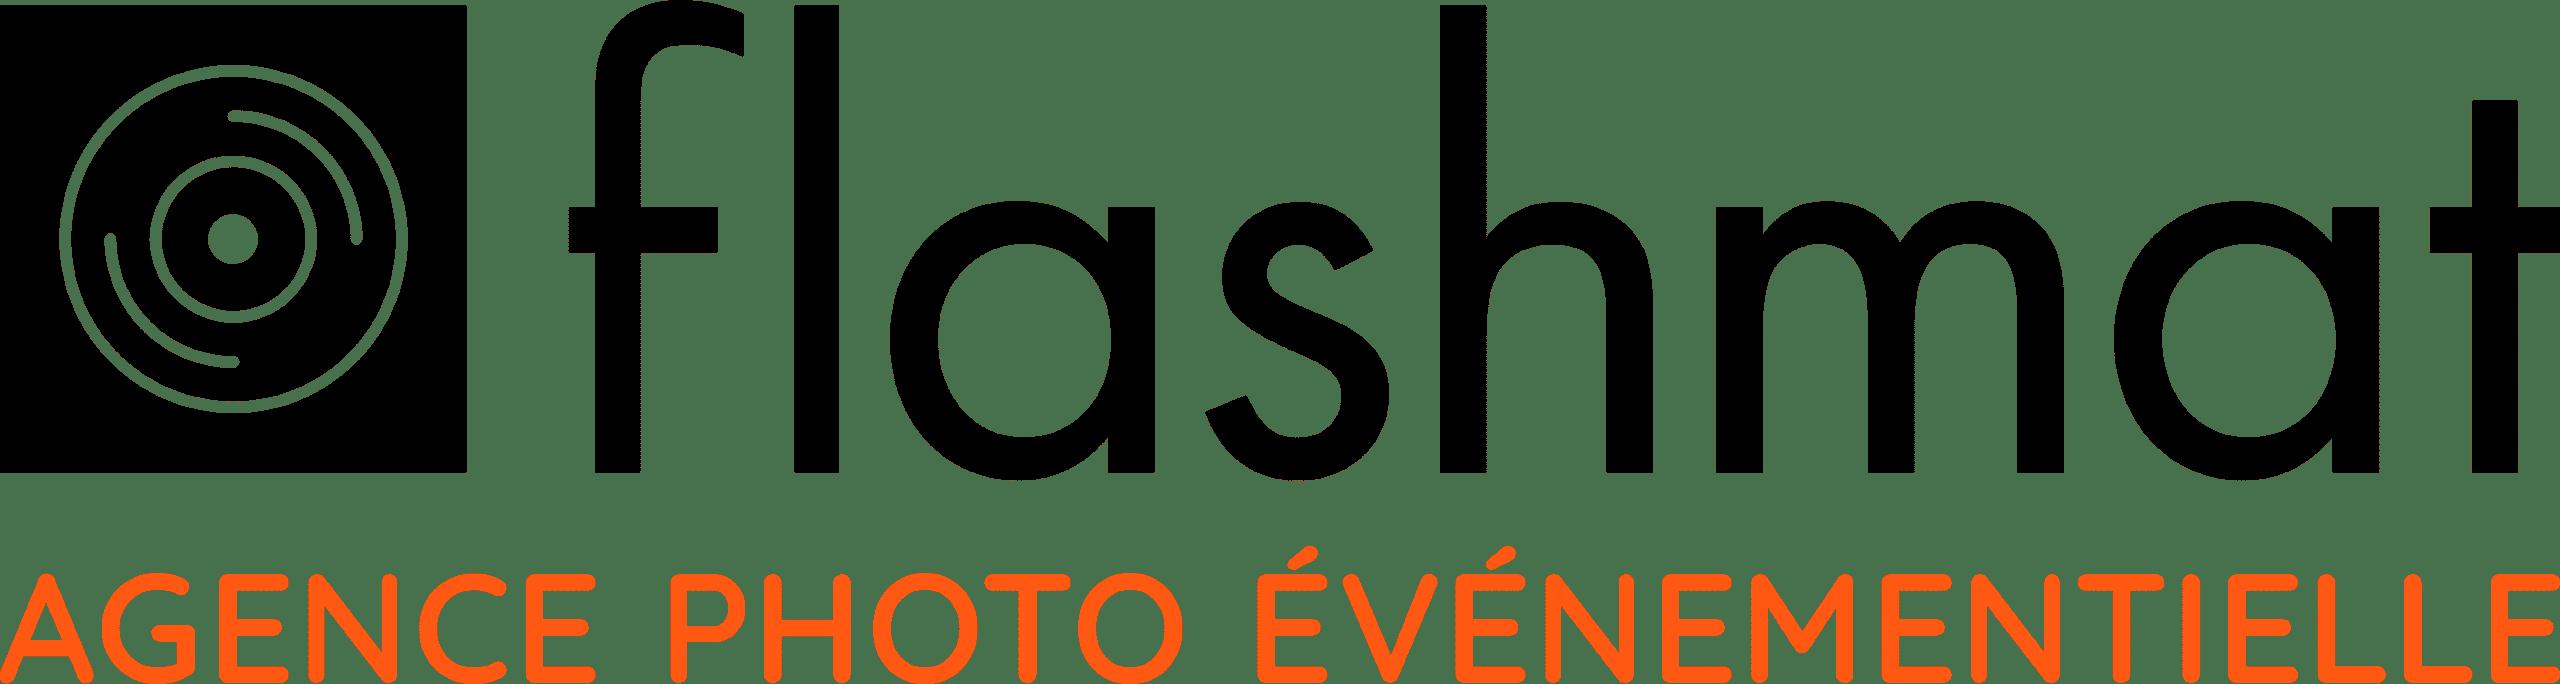 Logotype Flashmat